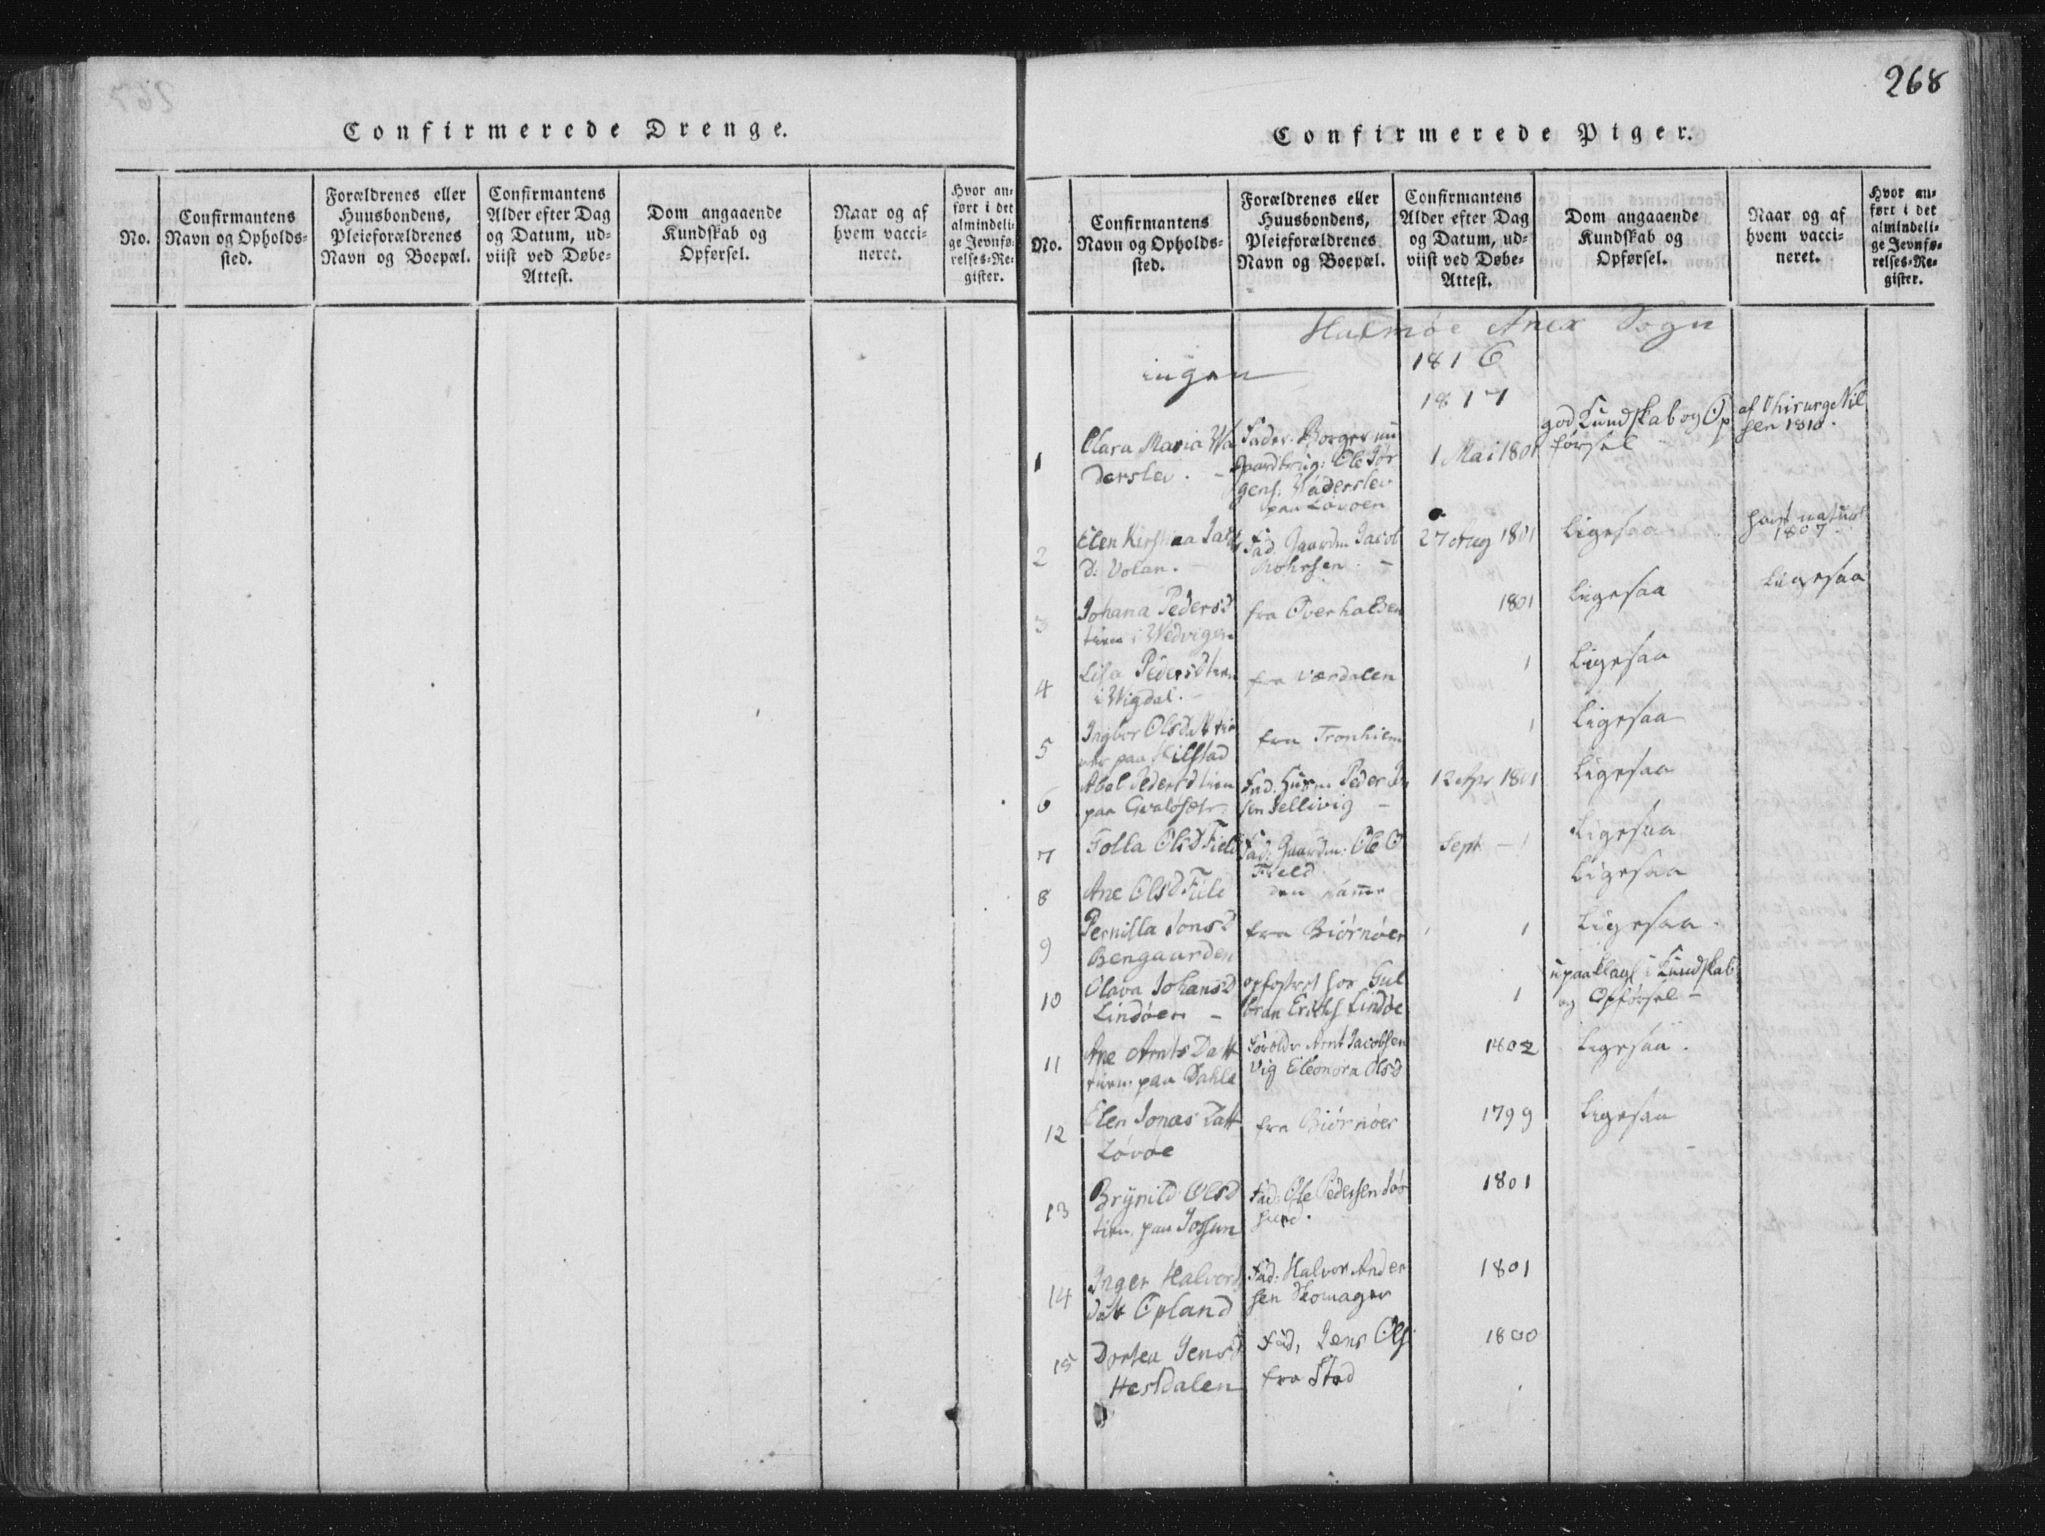 SAT, Ministerialprotokoller, klokkerbøker og fødselsregistre - Nord-Trøndelag, 773/L0609: Ministerialbok nr. 773A03 /3, 1815-1830, s. 268